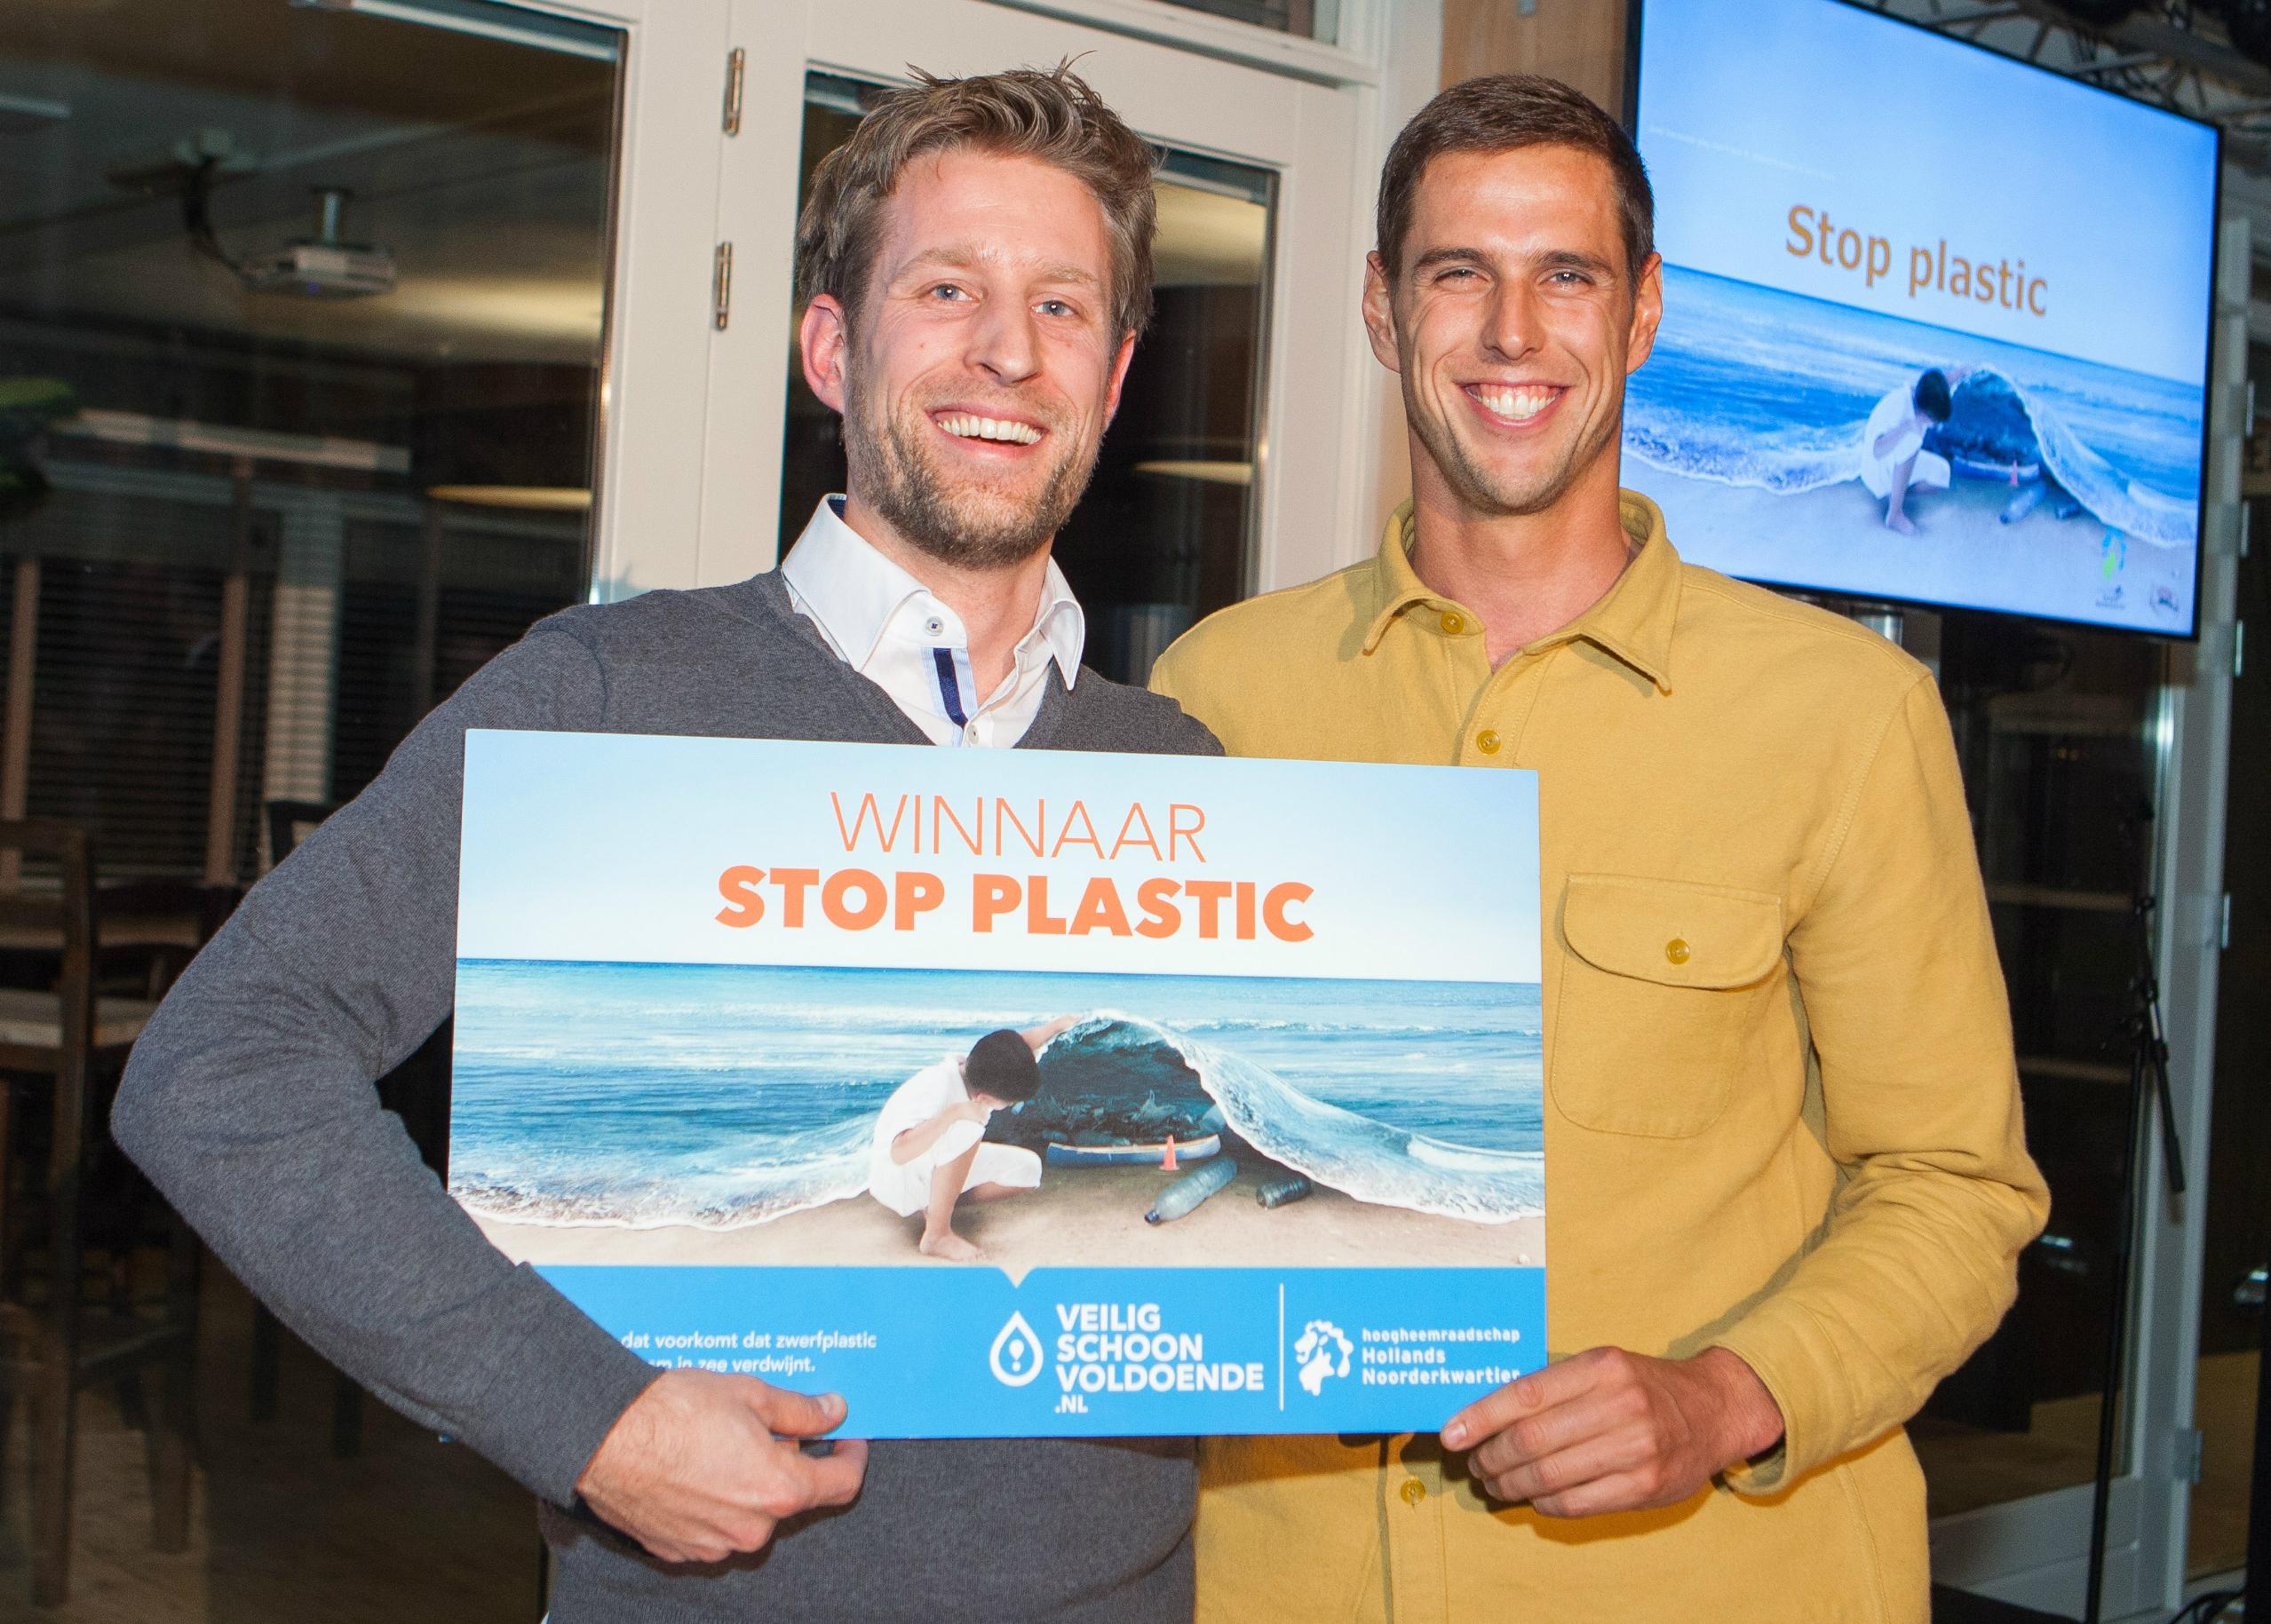 Winnaar van de Stop Plastic-actie